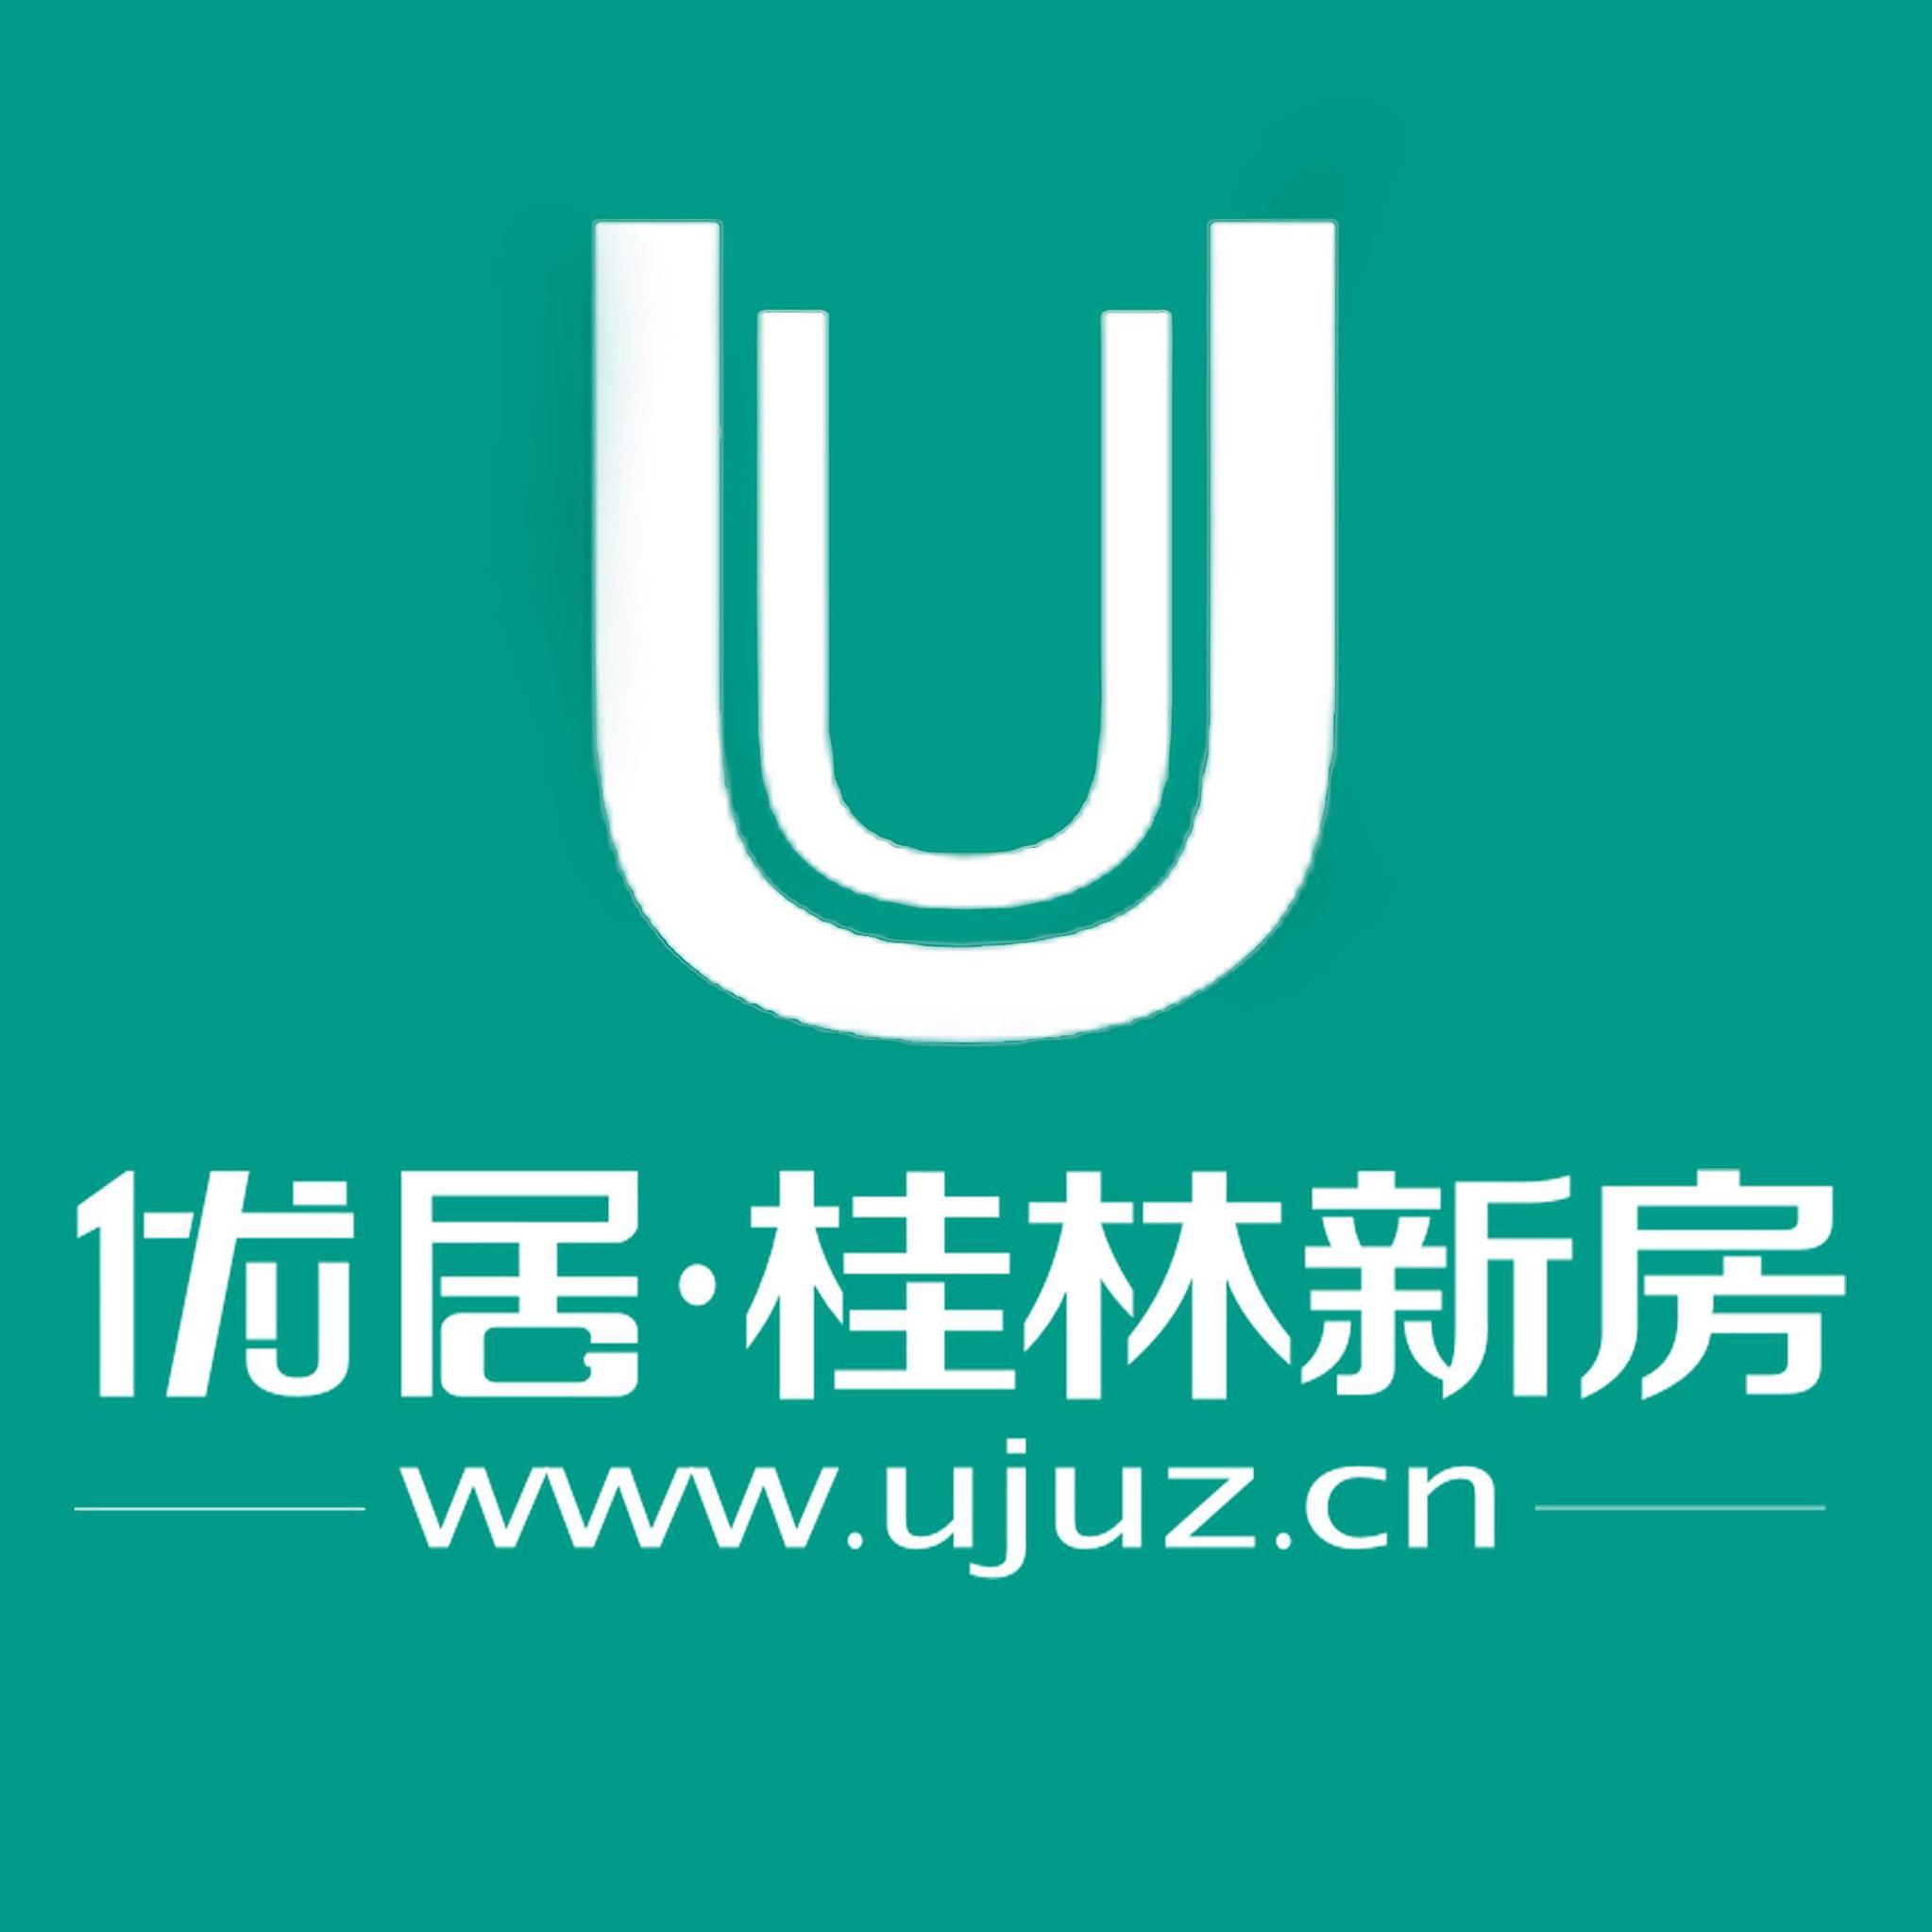 【優居·桂林新房】桂林市優巢房地產經紀有限公司招聘:公司標志 logo